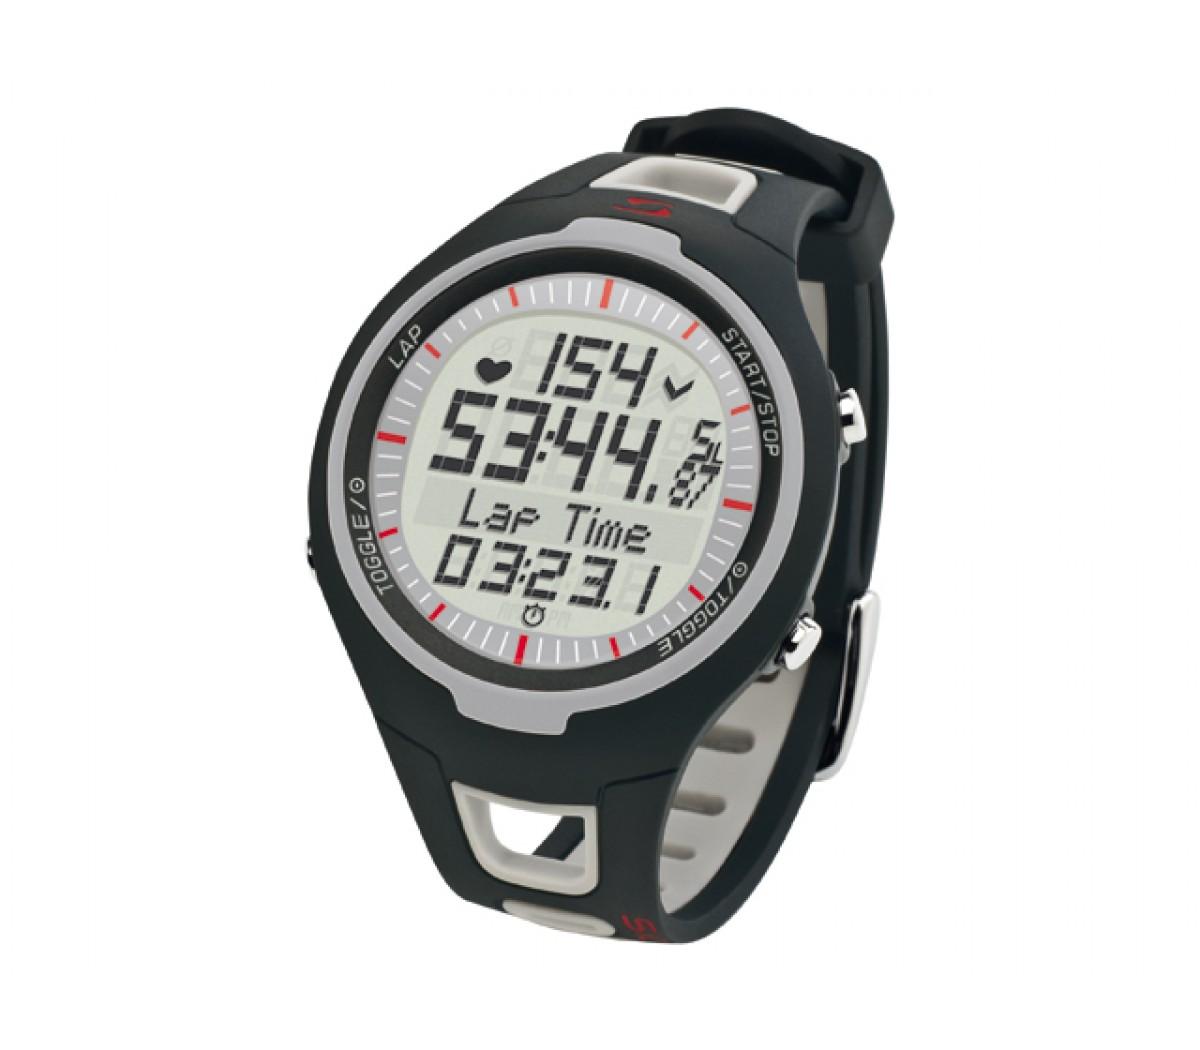 Sigma PC 15.11 een hartslagmeter met calorieën- en rondeteller.